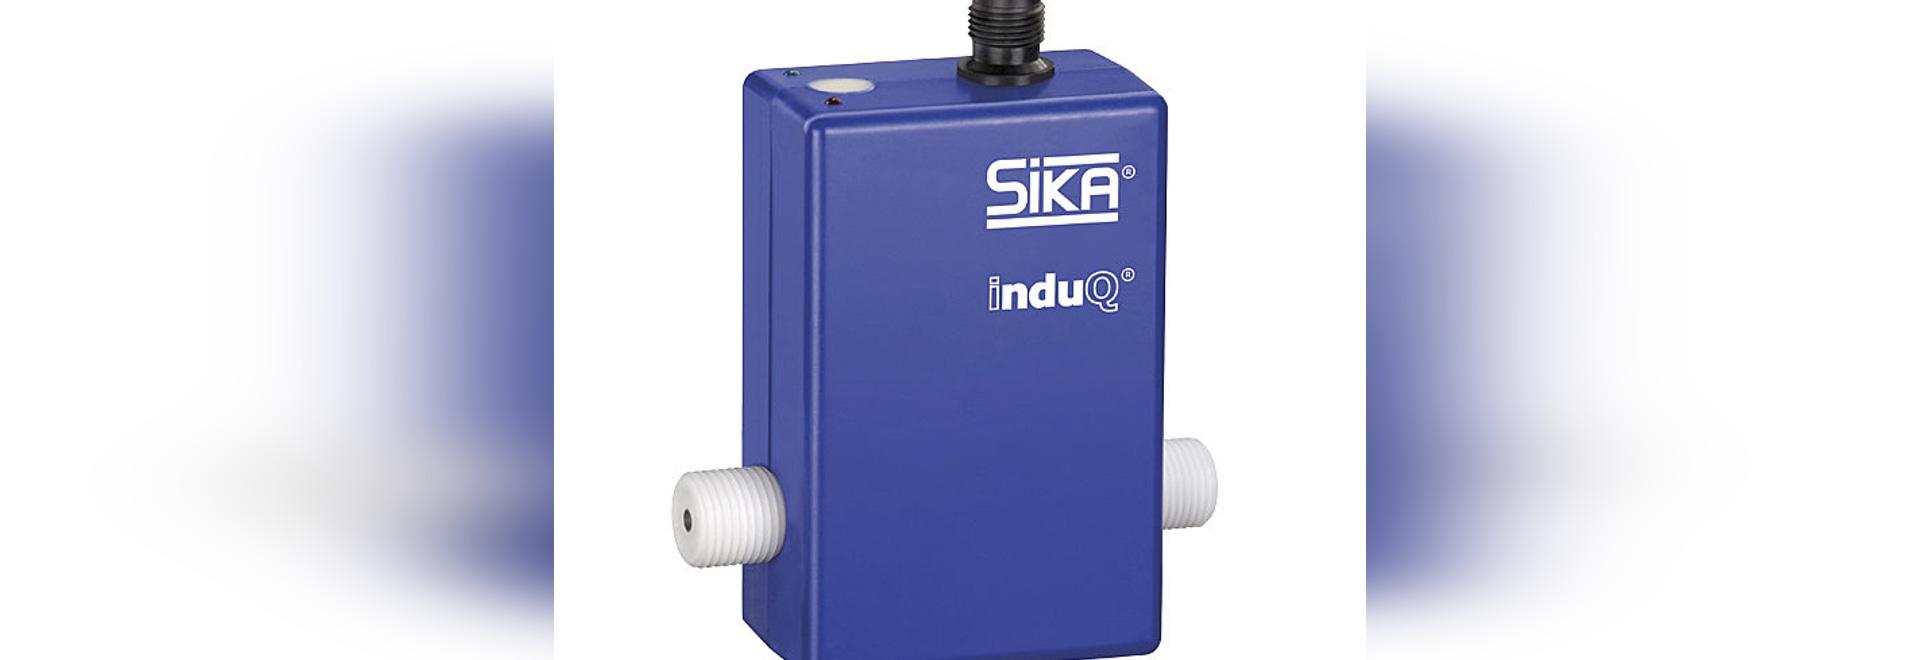 Geringe Nennweite für höchste Präzision - SIKA induQ® VMZ 030